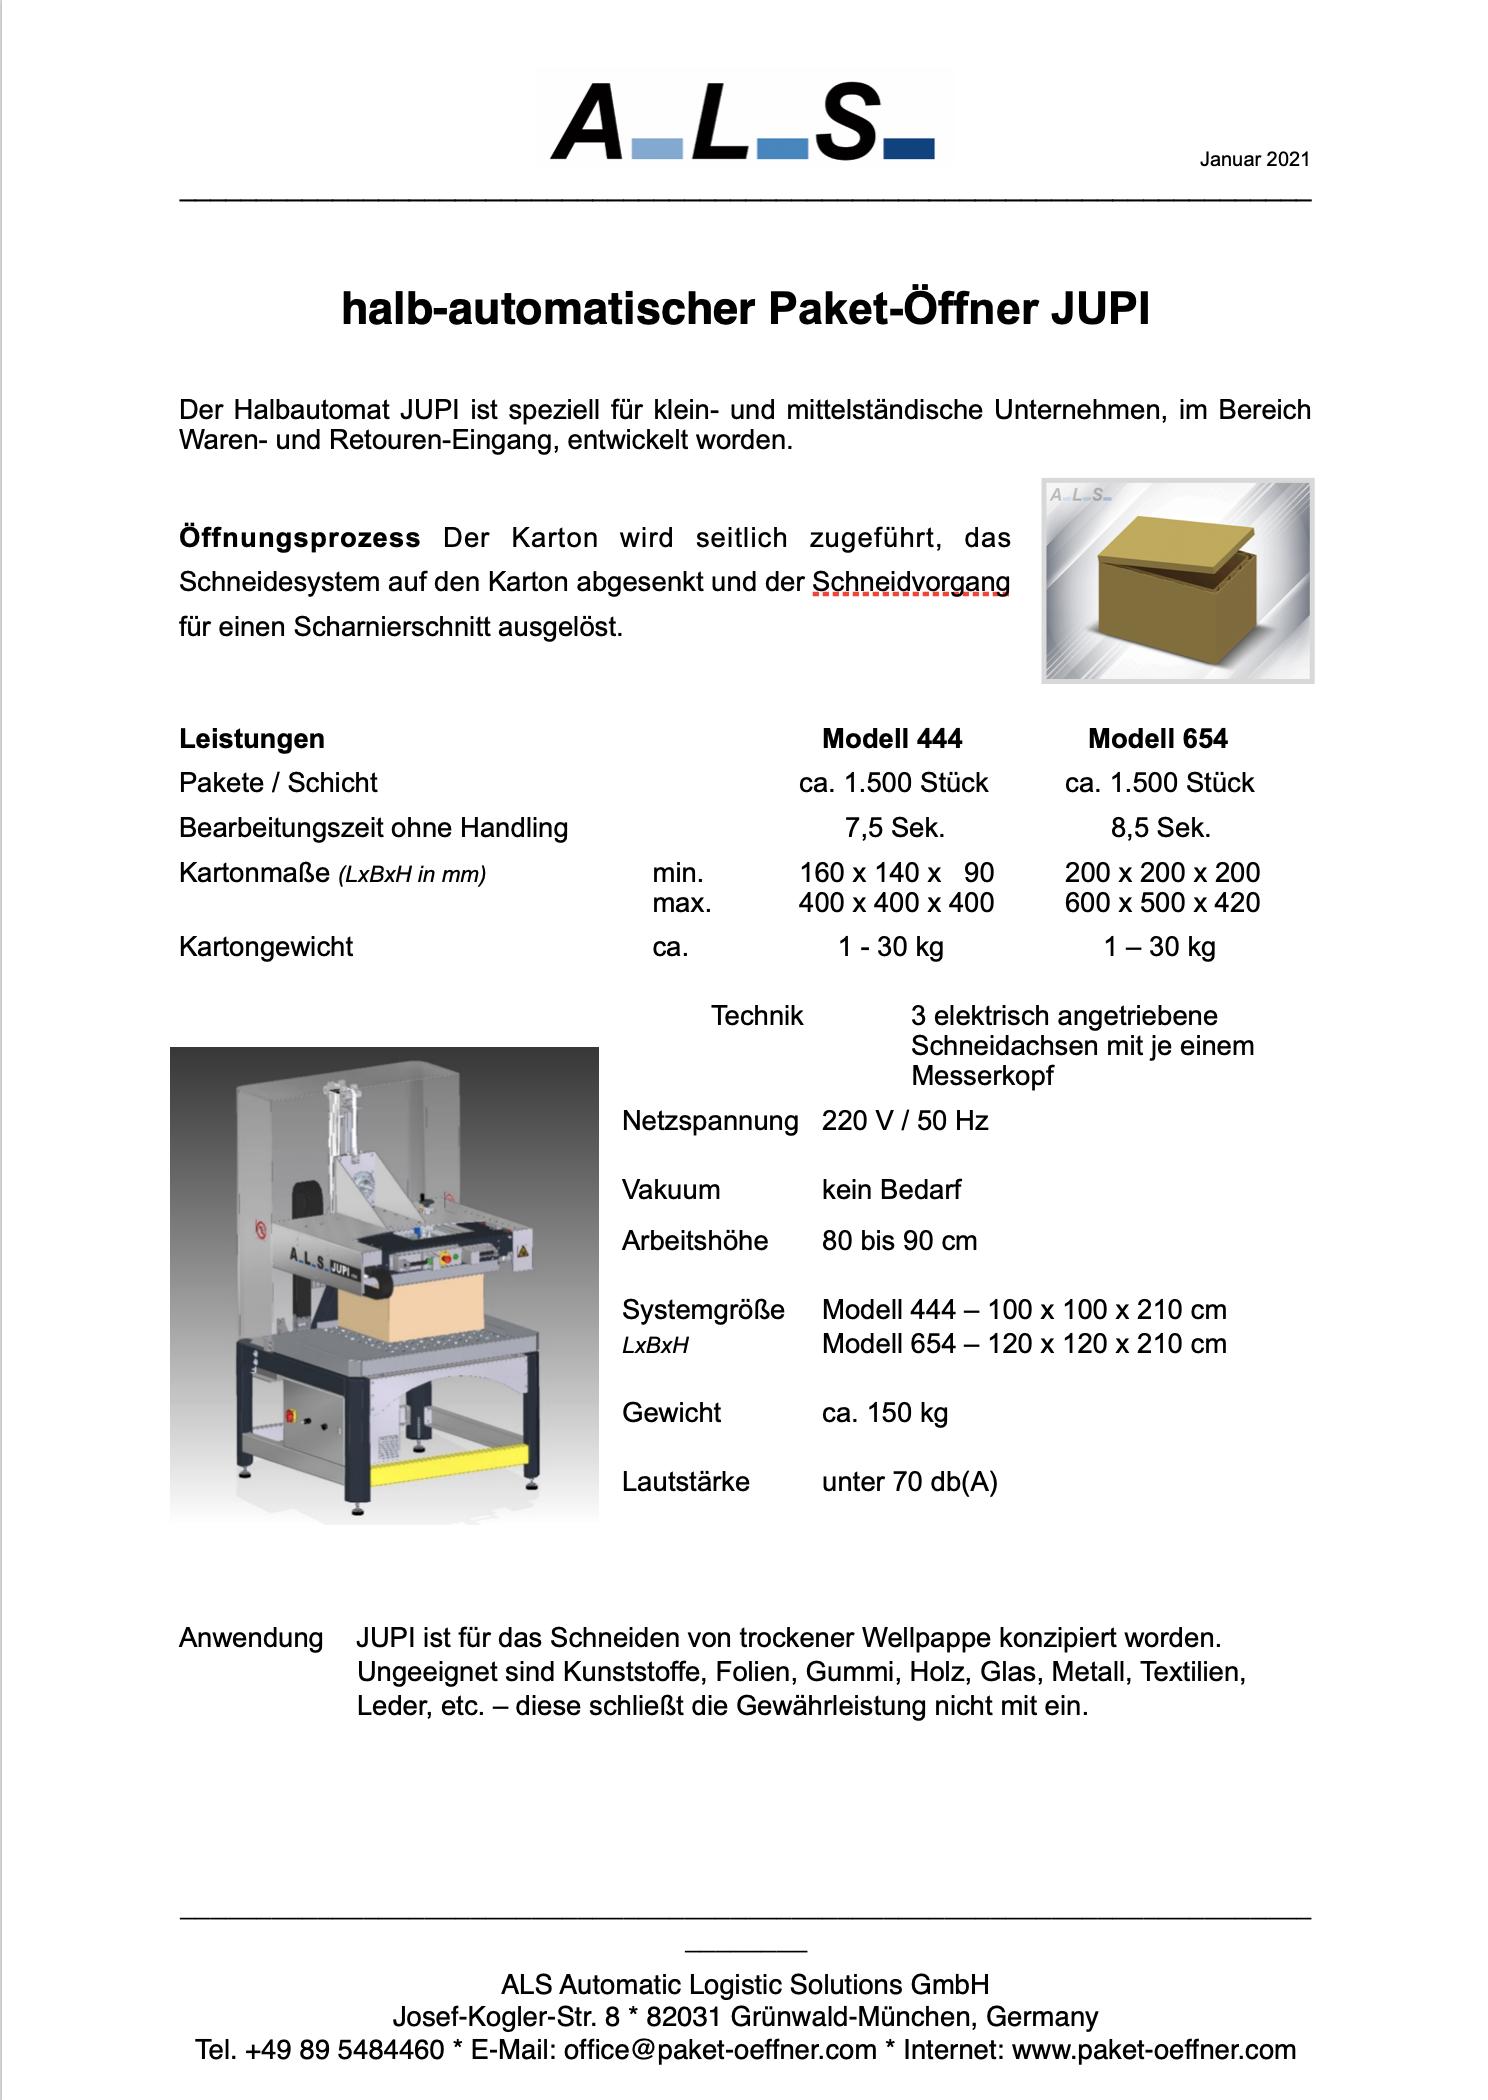 JUPI-halbautomatischer-Paket-Öffner-Datenblatt-V-1.01